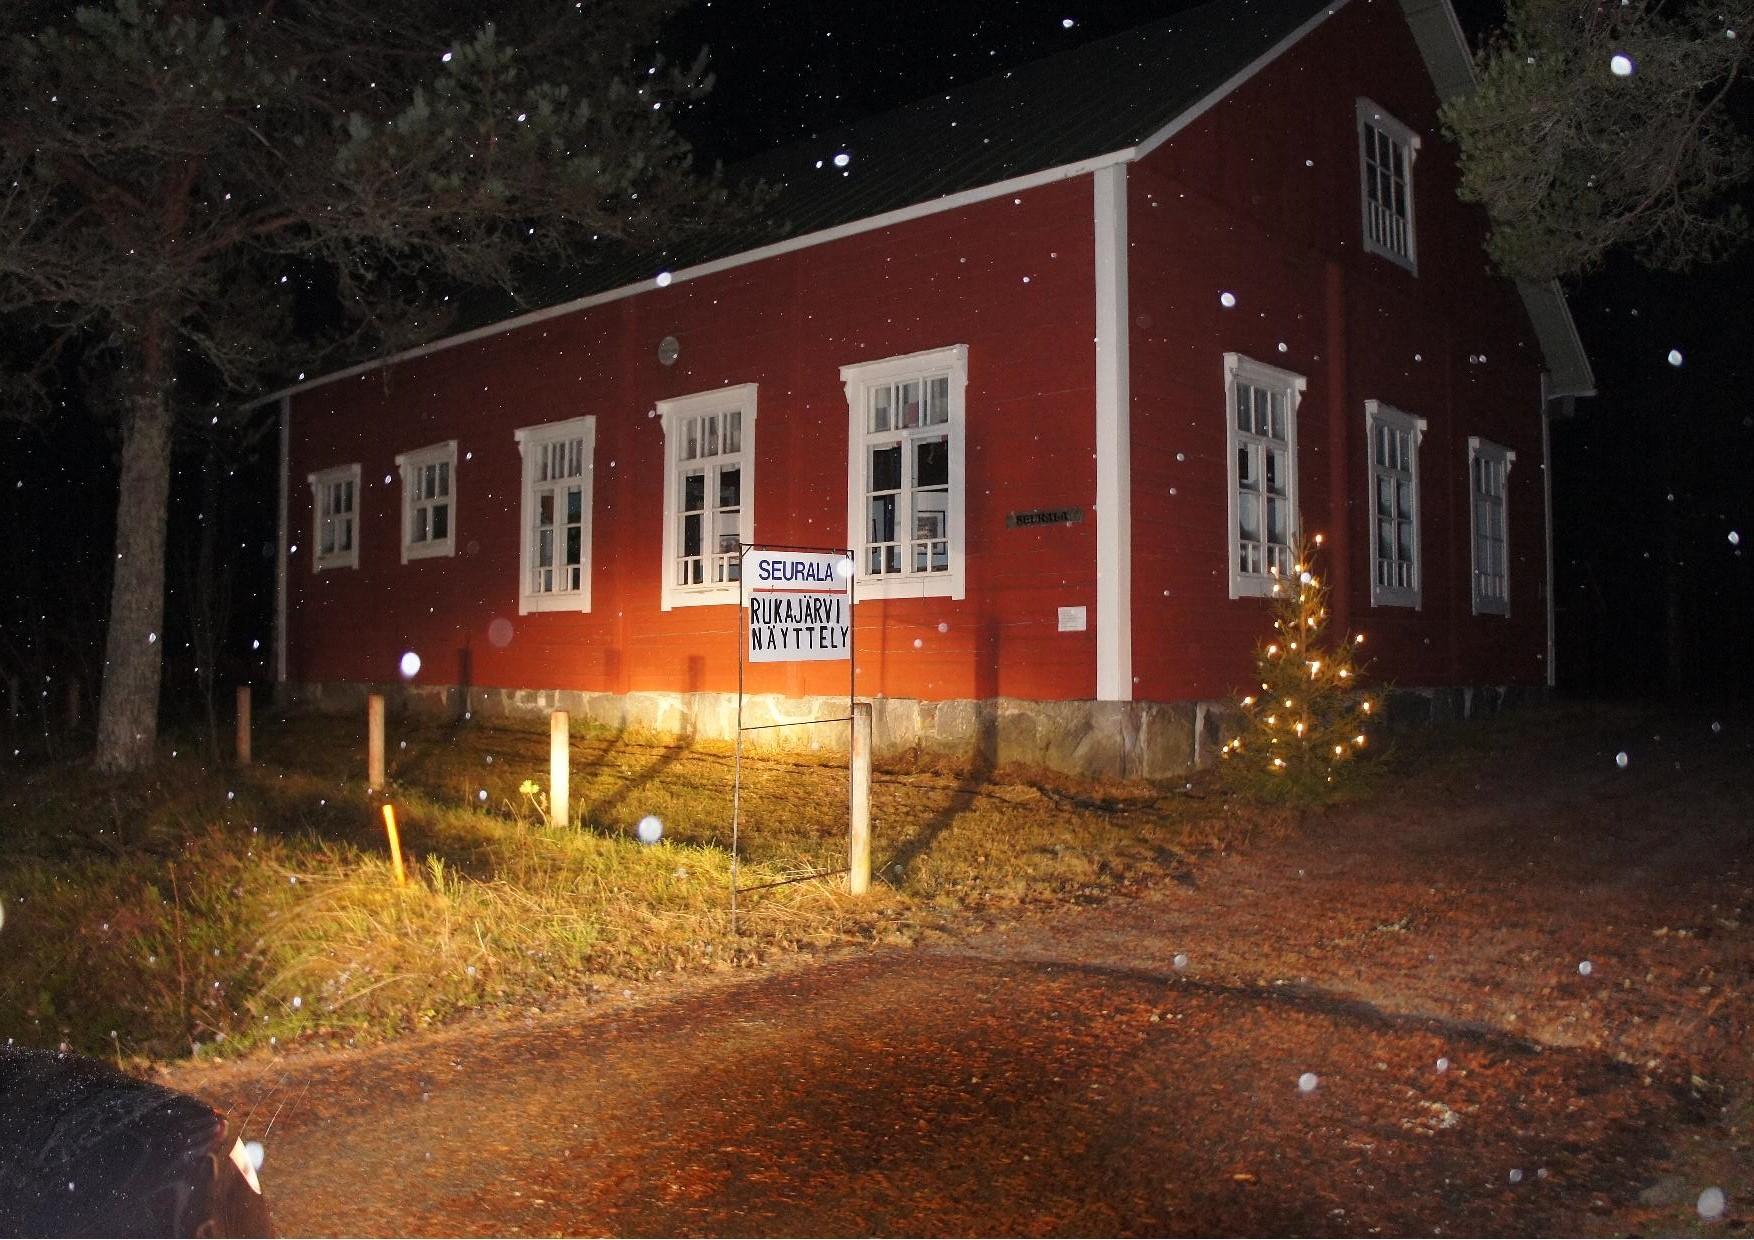 Seurala, Nurmijärven keskustassa, jossa avattiin Rukajärven tie valokuvanäyttely